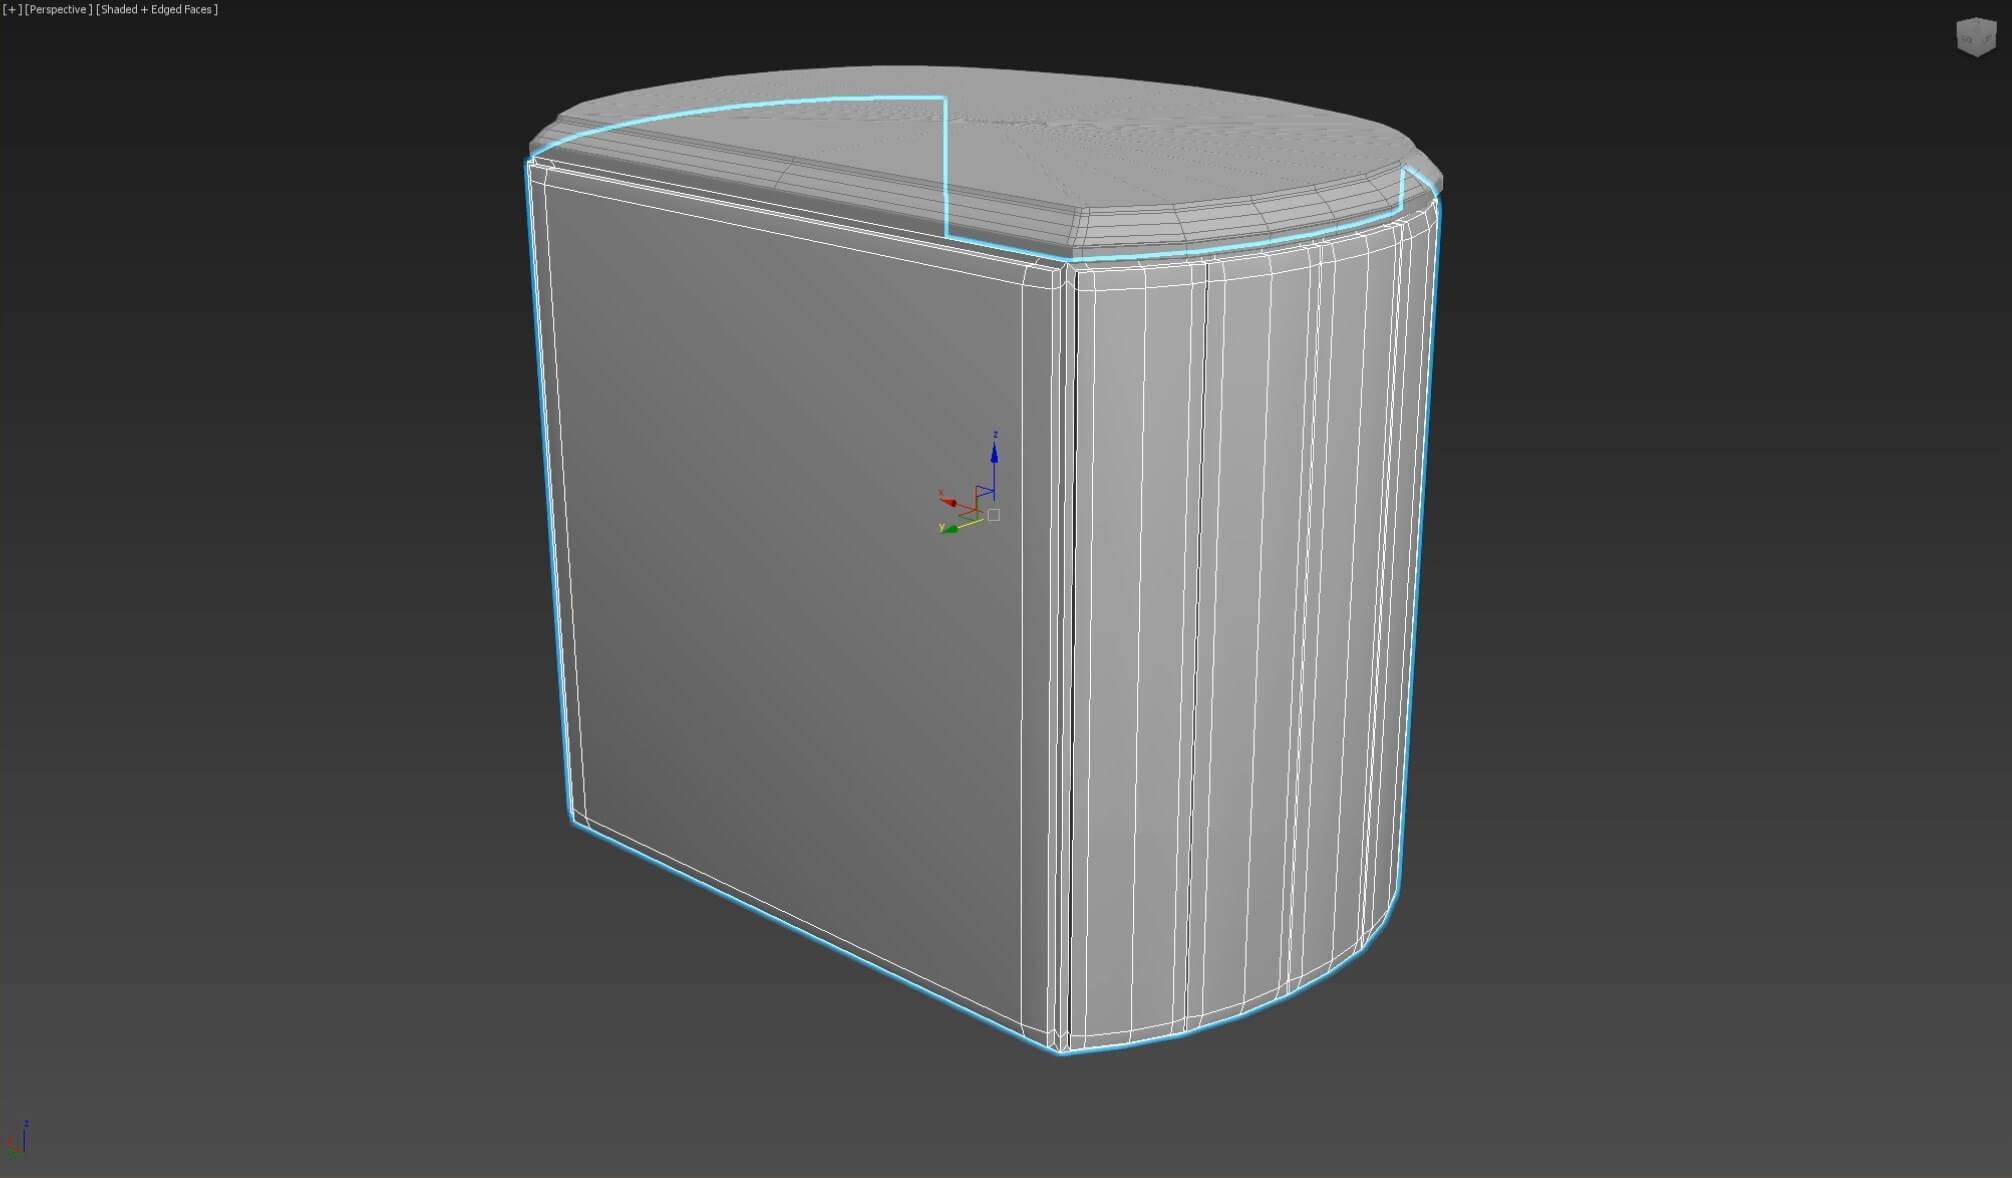 3d моделирование прикроватной тумбы DV home Vogue в 3dsMax_1